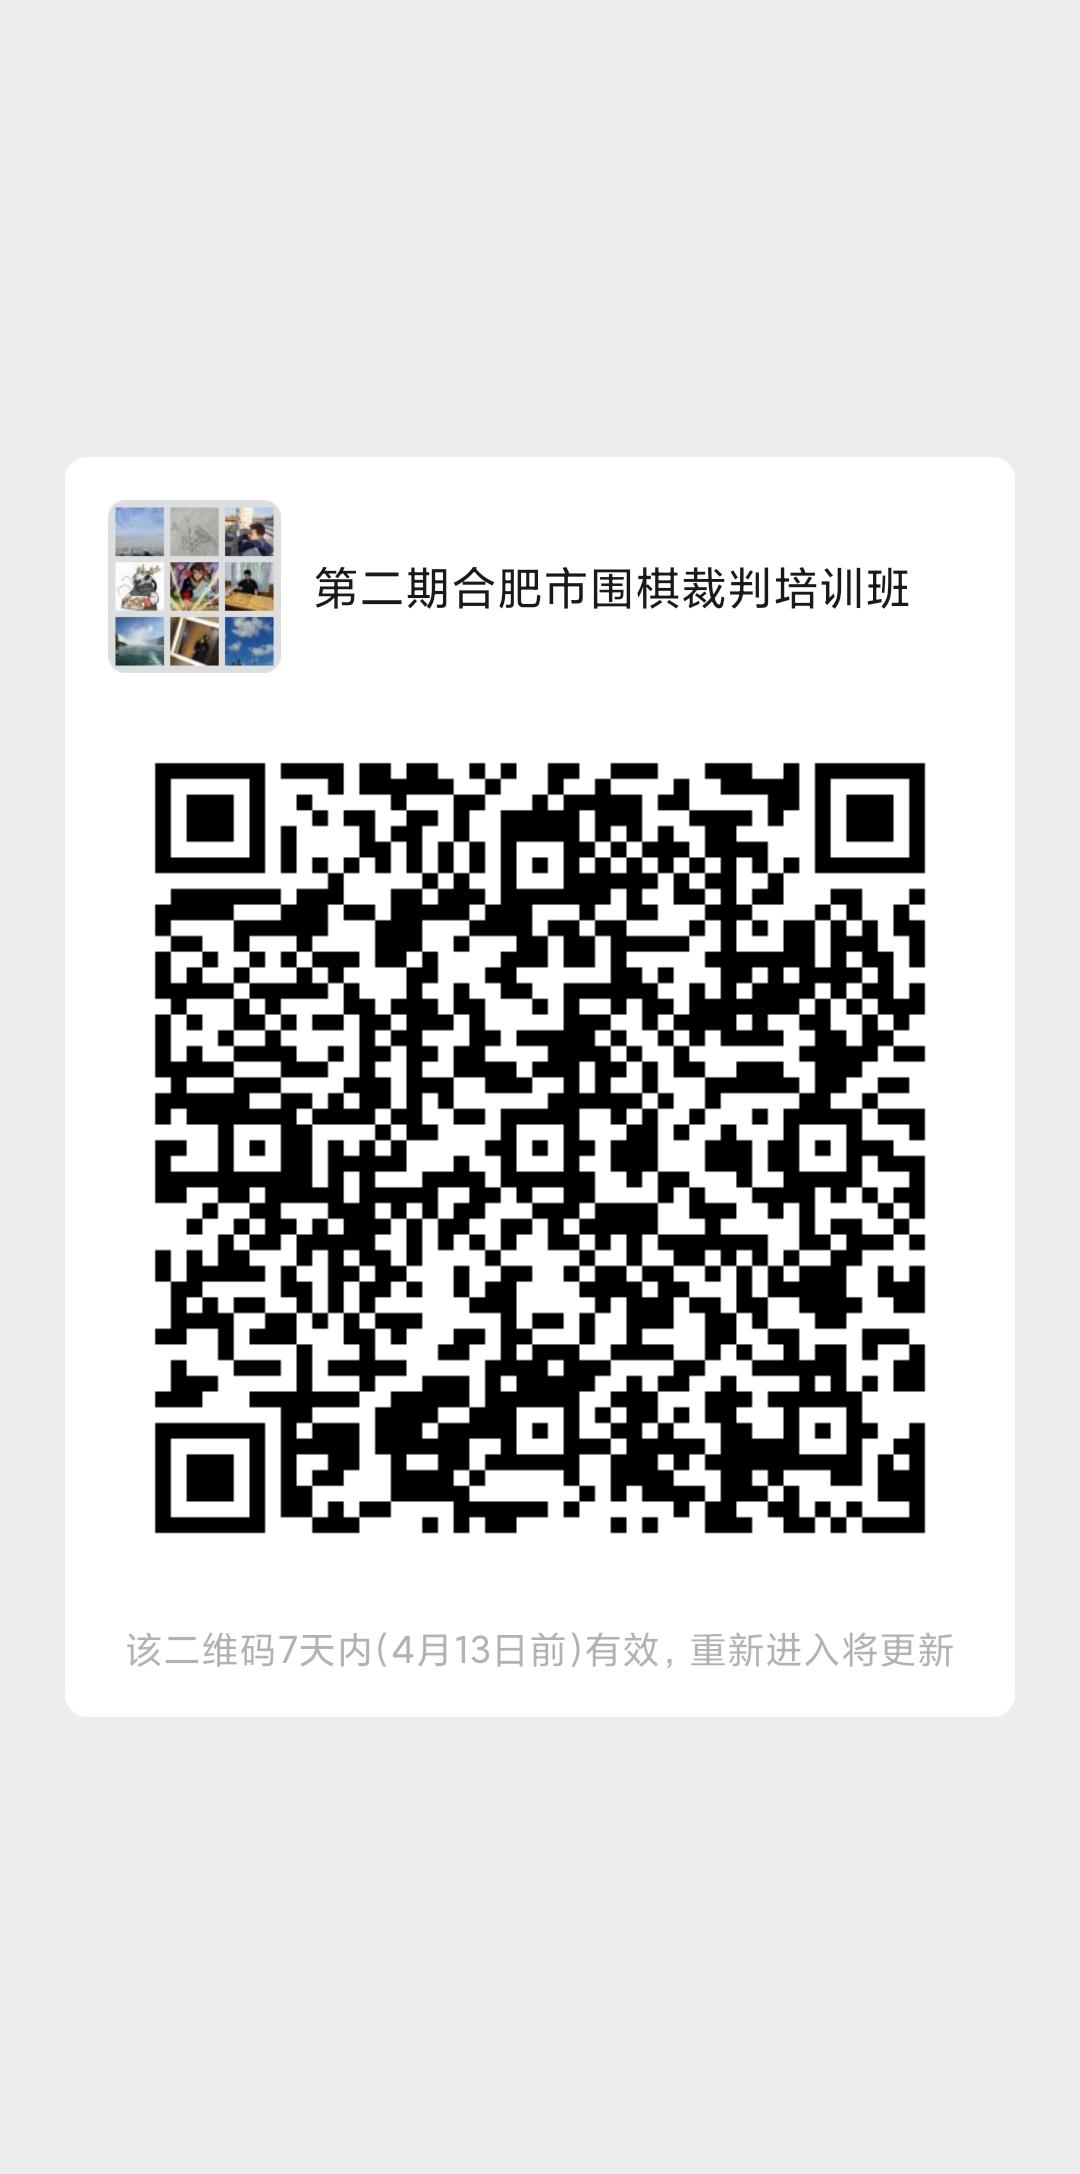 微信图片_20210406142925.png